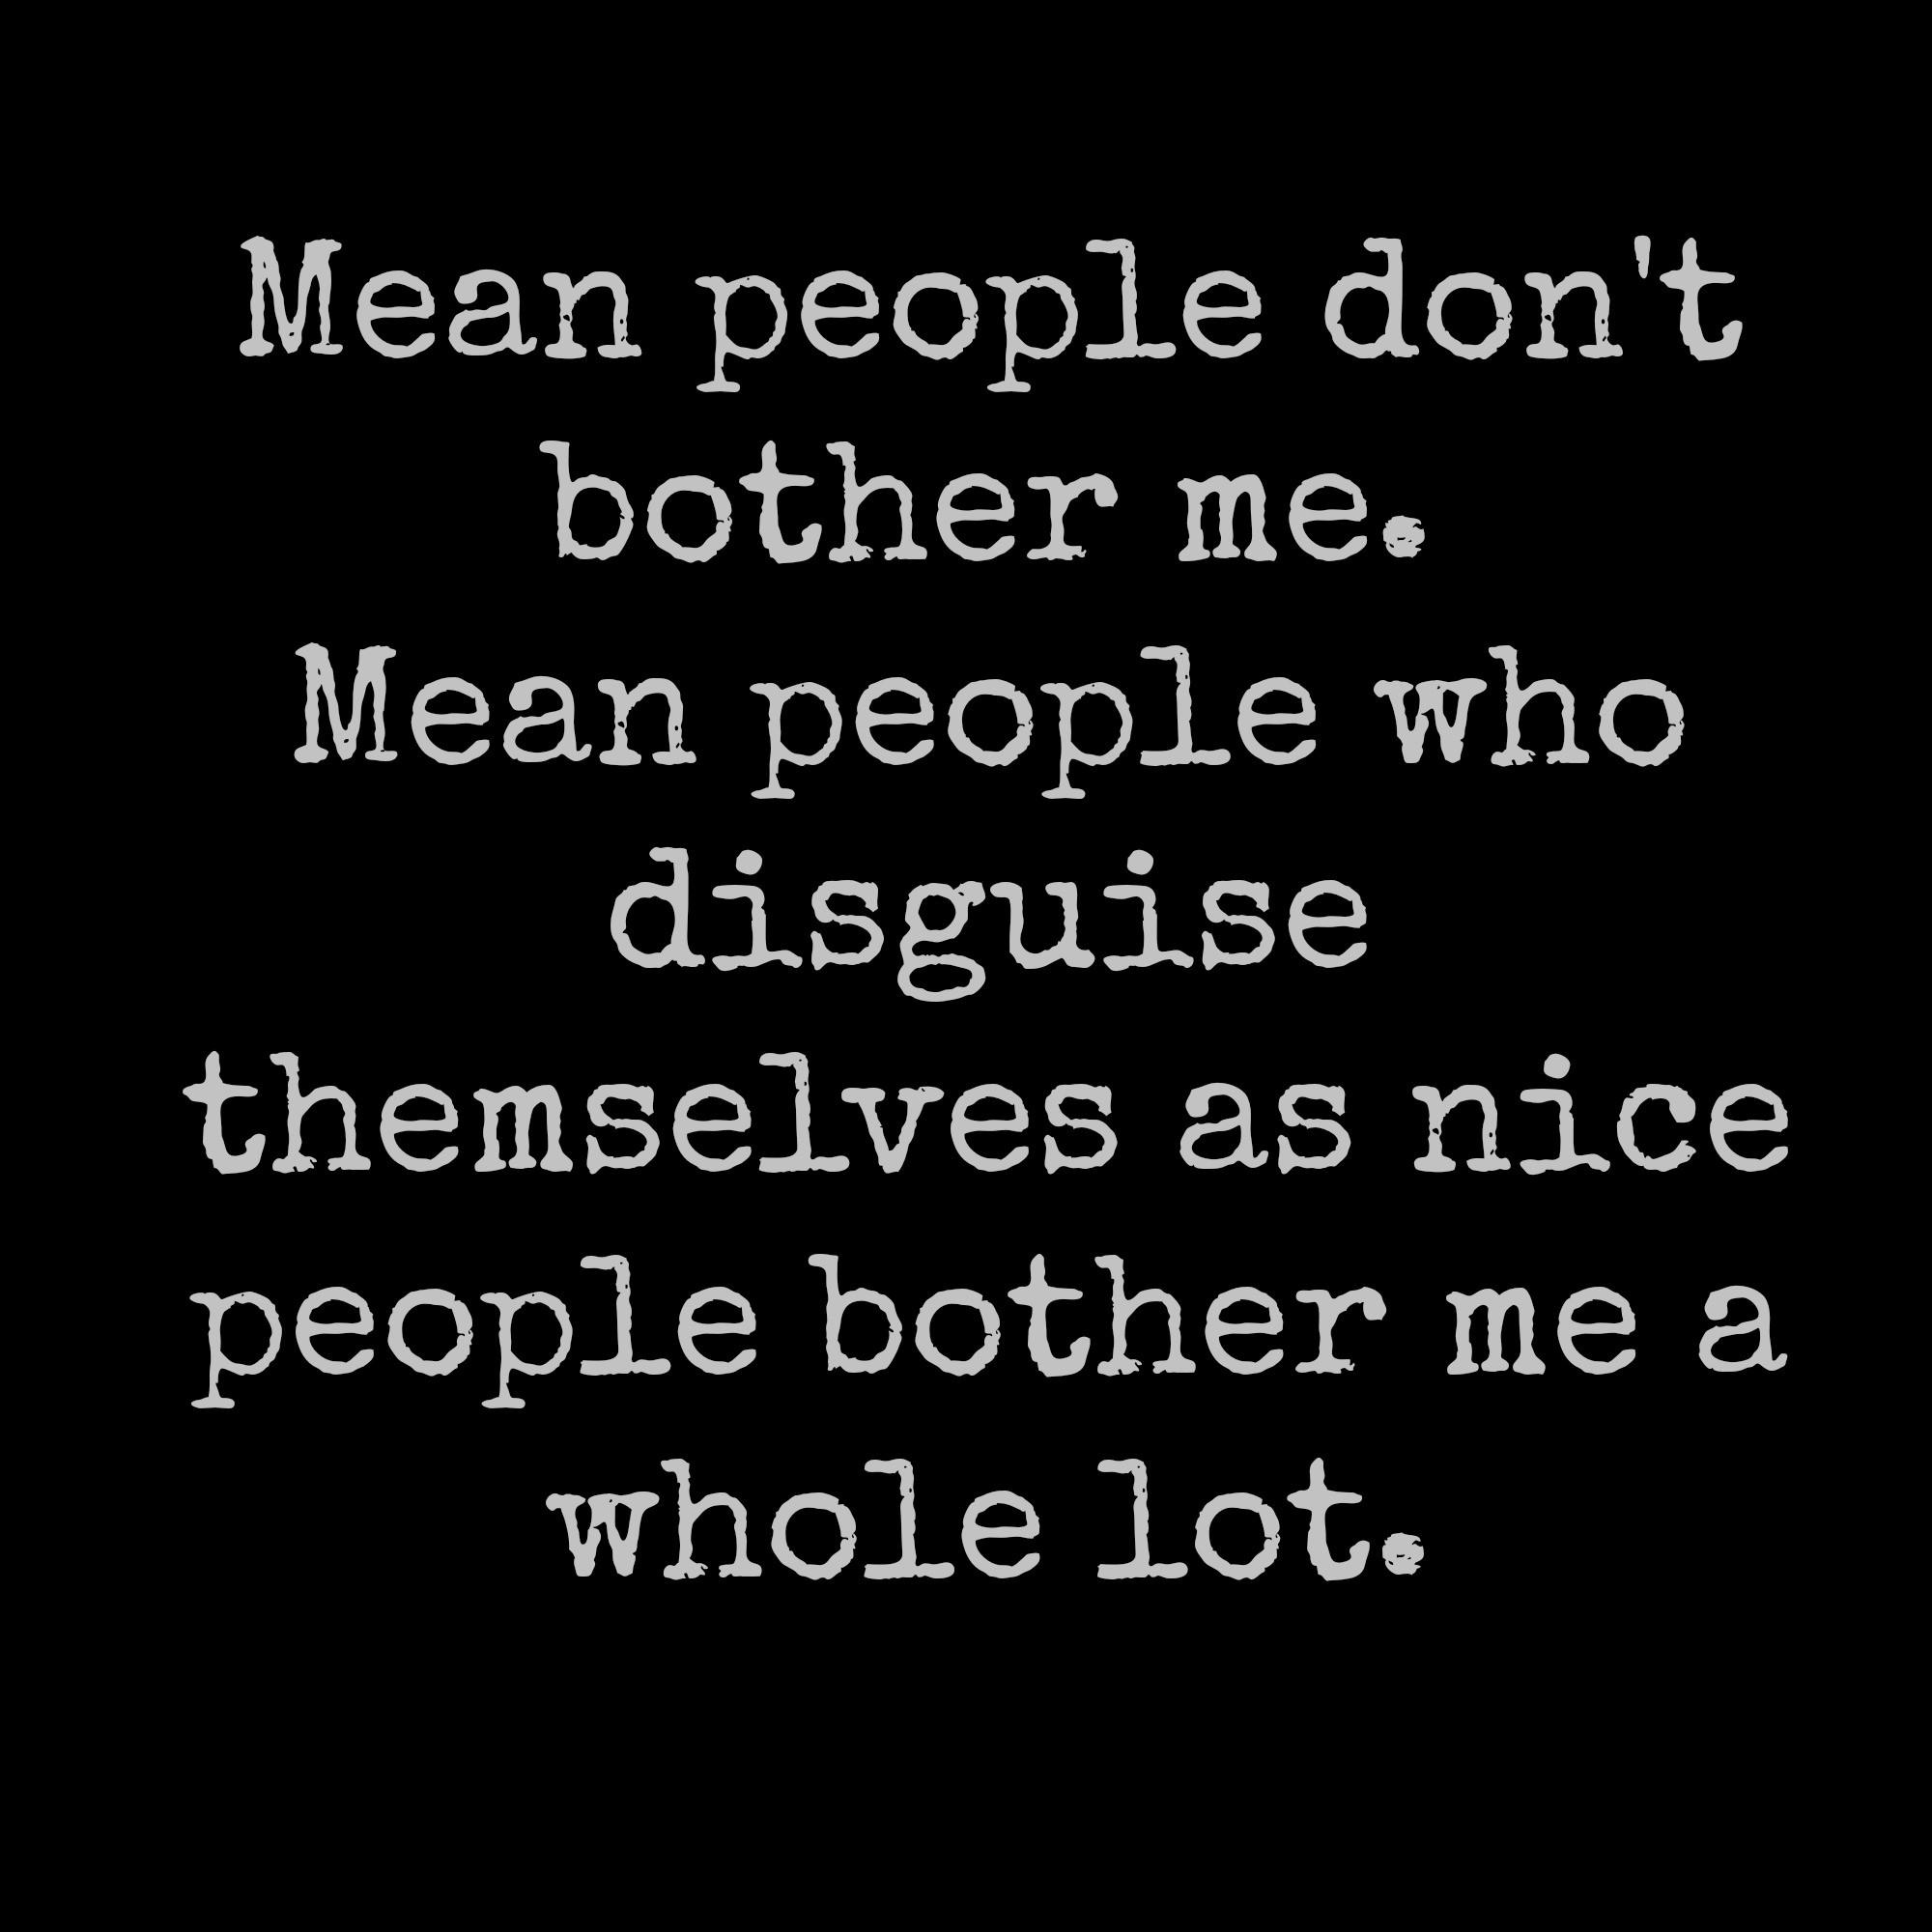 Sad But True Quotes  Quotes That Are Sad But True QuotesGram